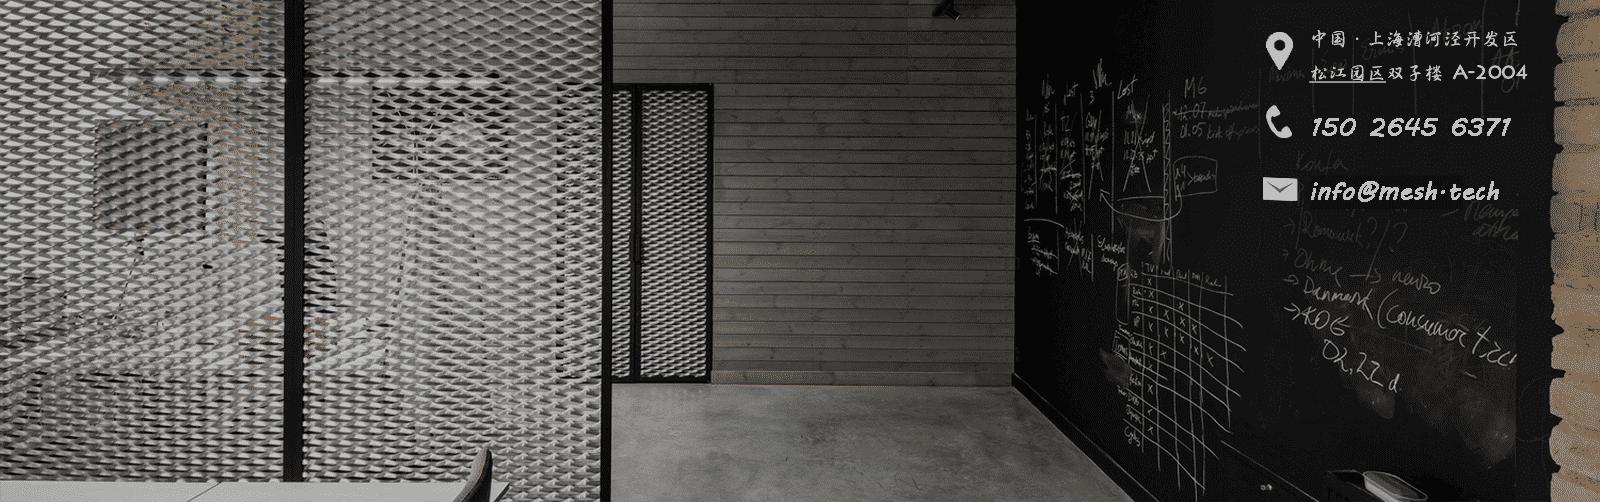 上海穿孔铝板厂家